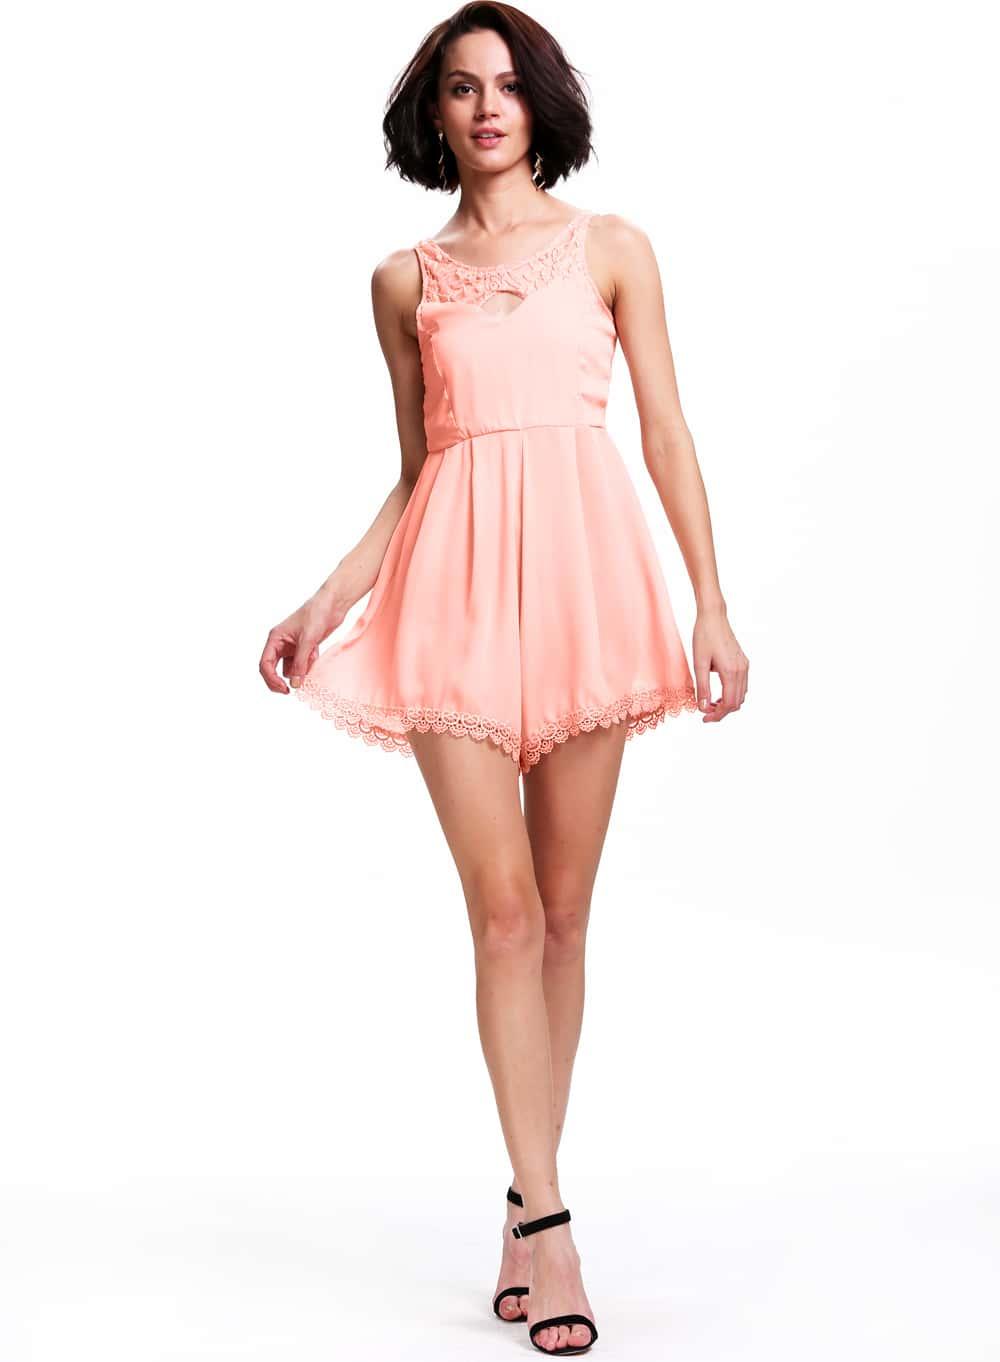 hohler jumpsuit mit spitzen r cken rosa german shein sheinside. Black Bedroom Furniture Sets. Home Design Ideas